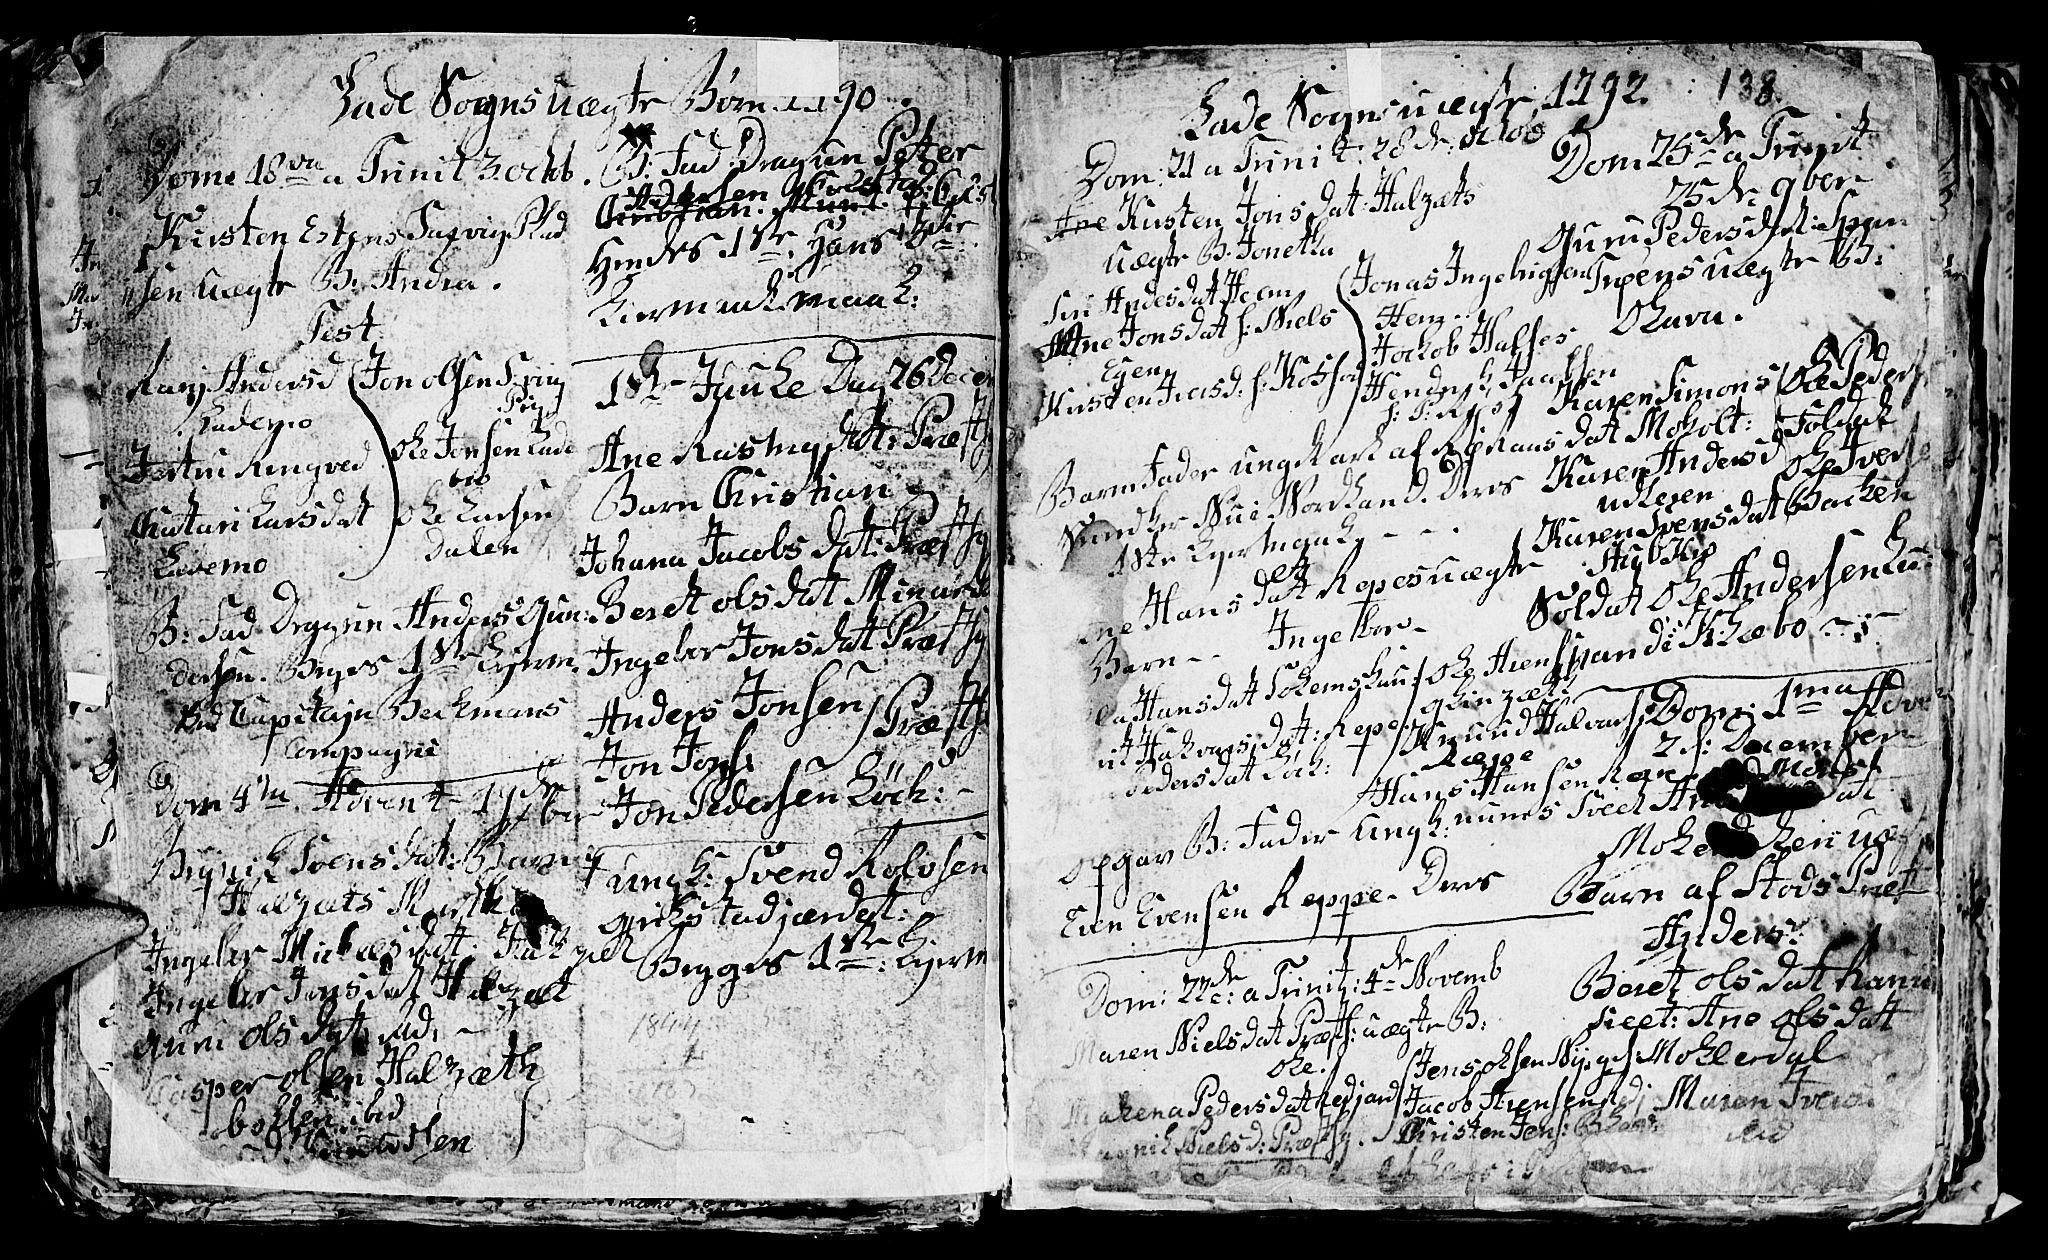 SAT, Ministerialprotokoller, klokkerbøker og fødselsregistre - Sør-Trøndelag, 606/L0305: Klokkerbok nr. 606C01, 1757-1819, s. 138